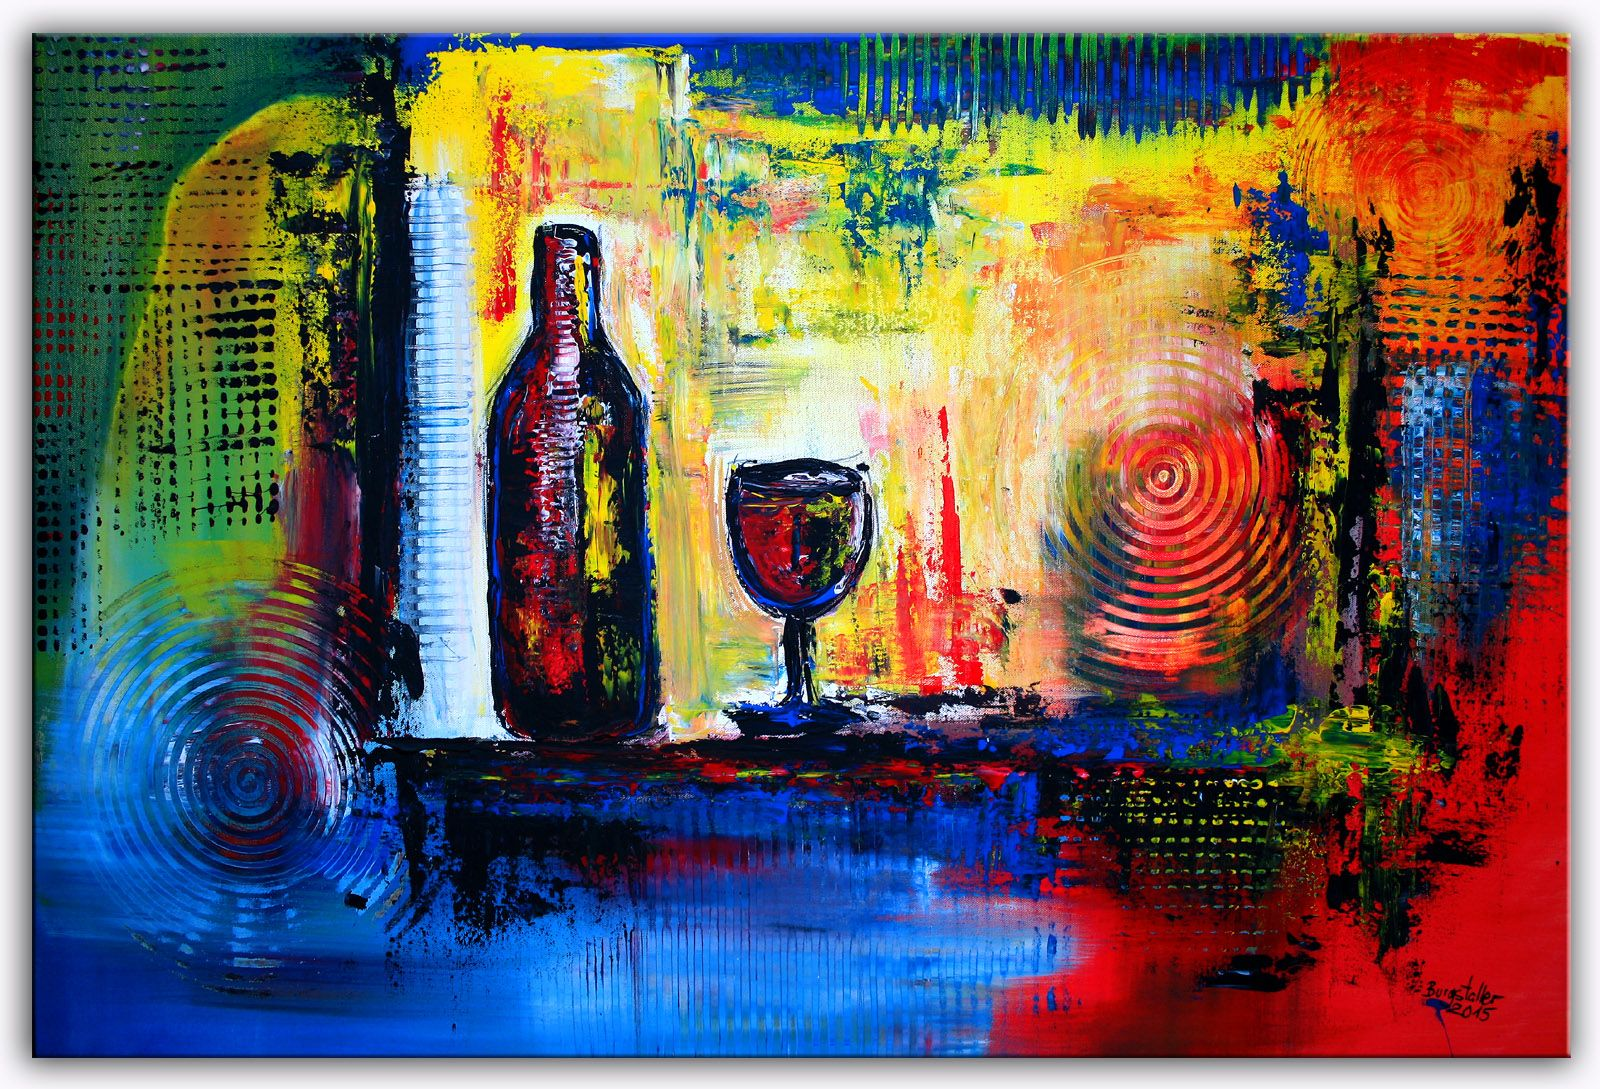 Www Burgstallers Art De Wein Stilleben Abstrakt Acrylbild Auf